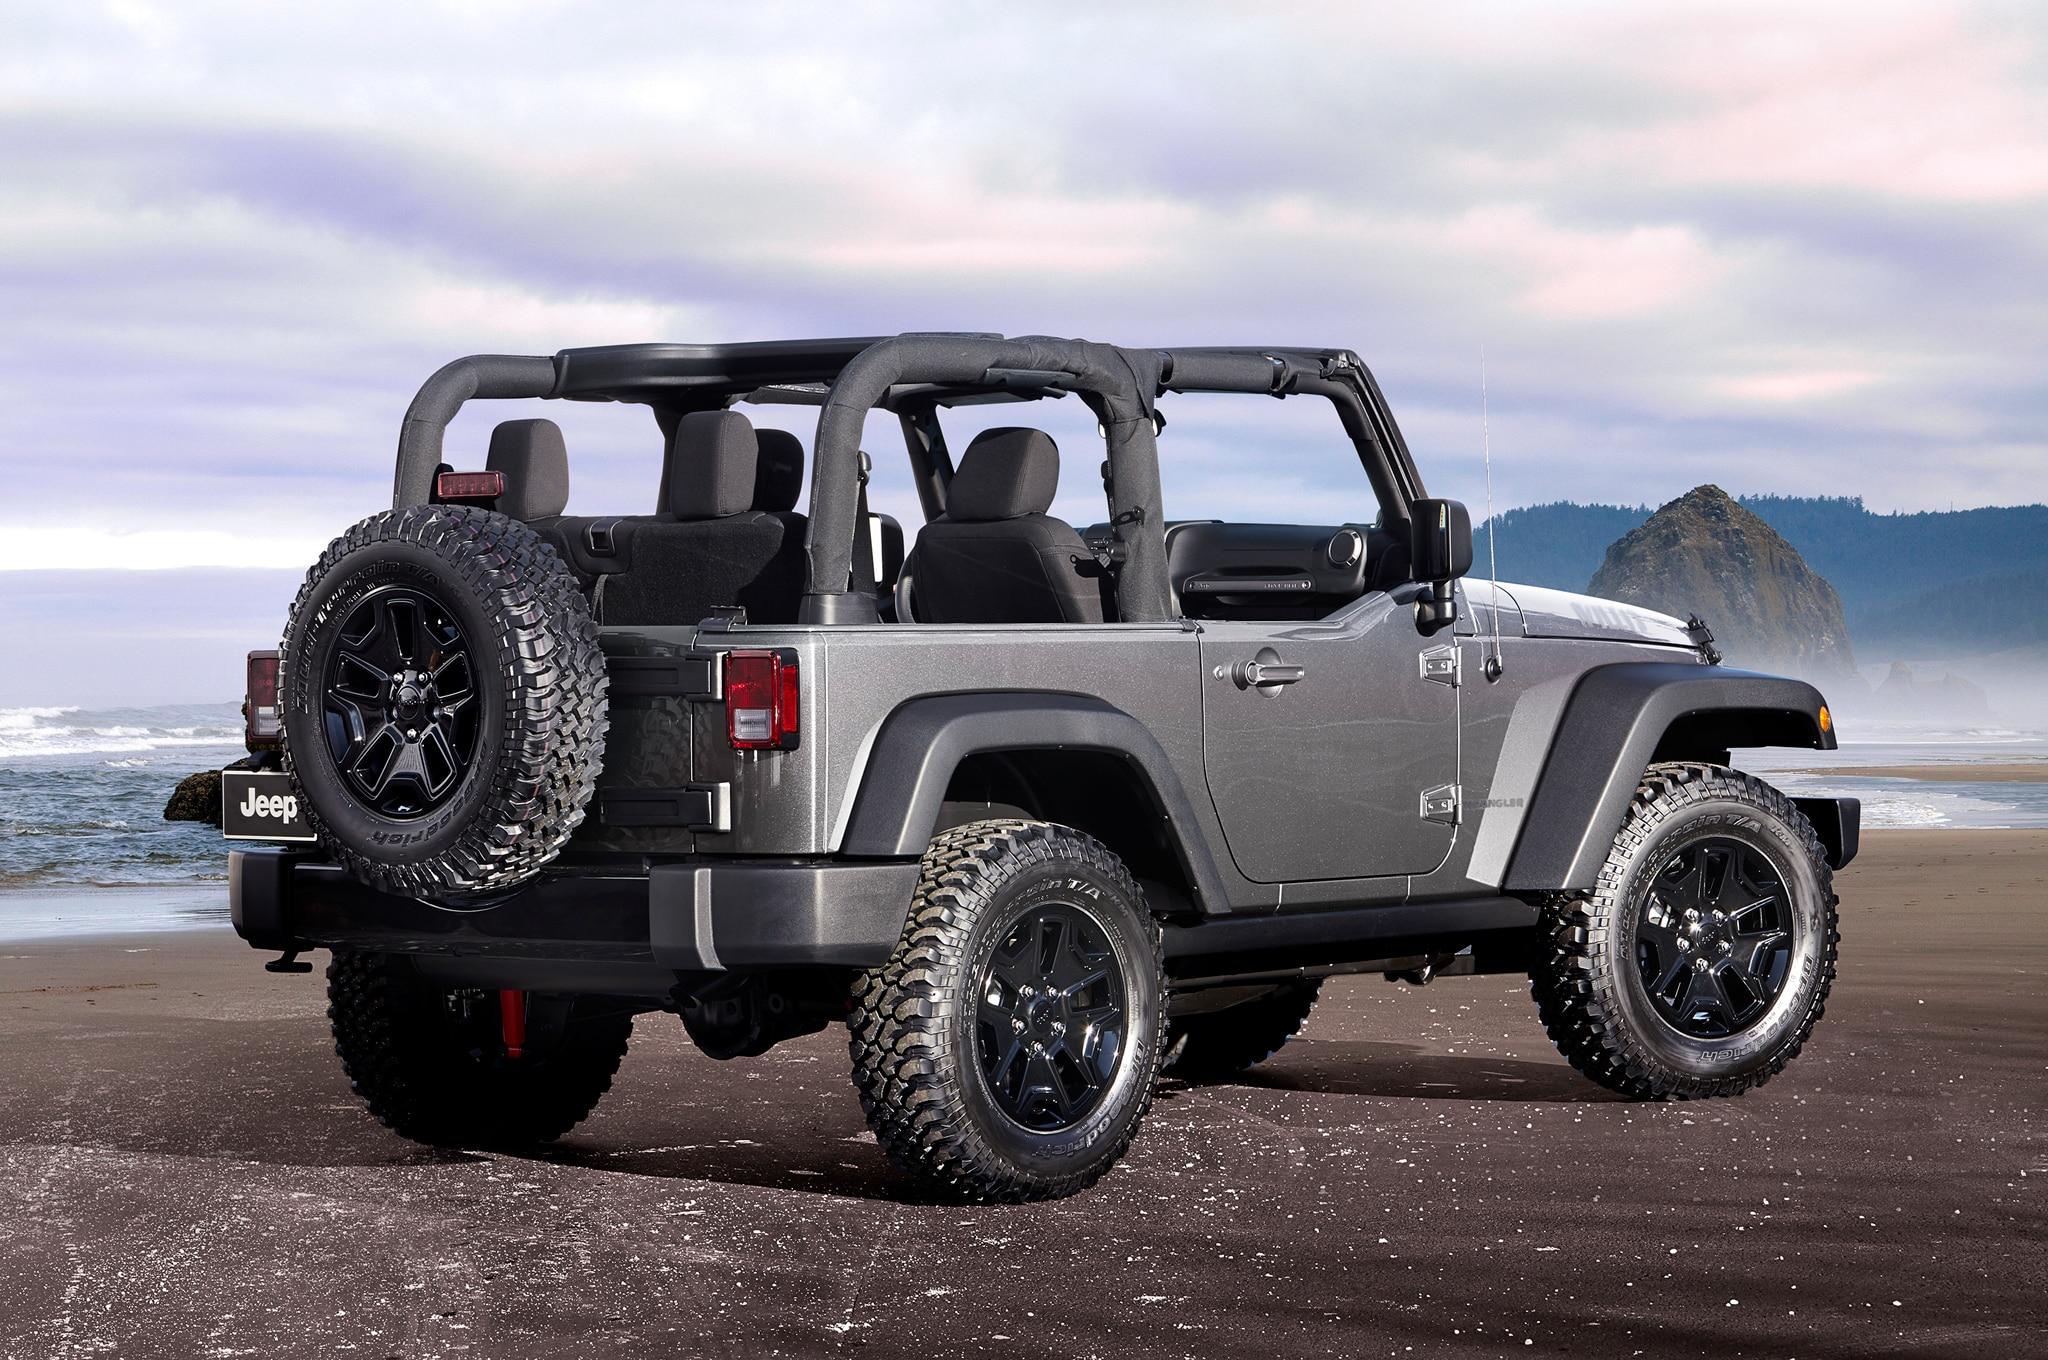 Camioneta Jeep Sigue Entre Los Planes Pero No Es Prioridad